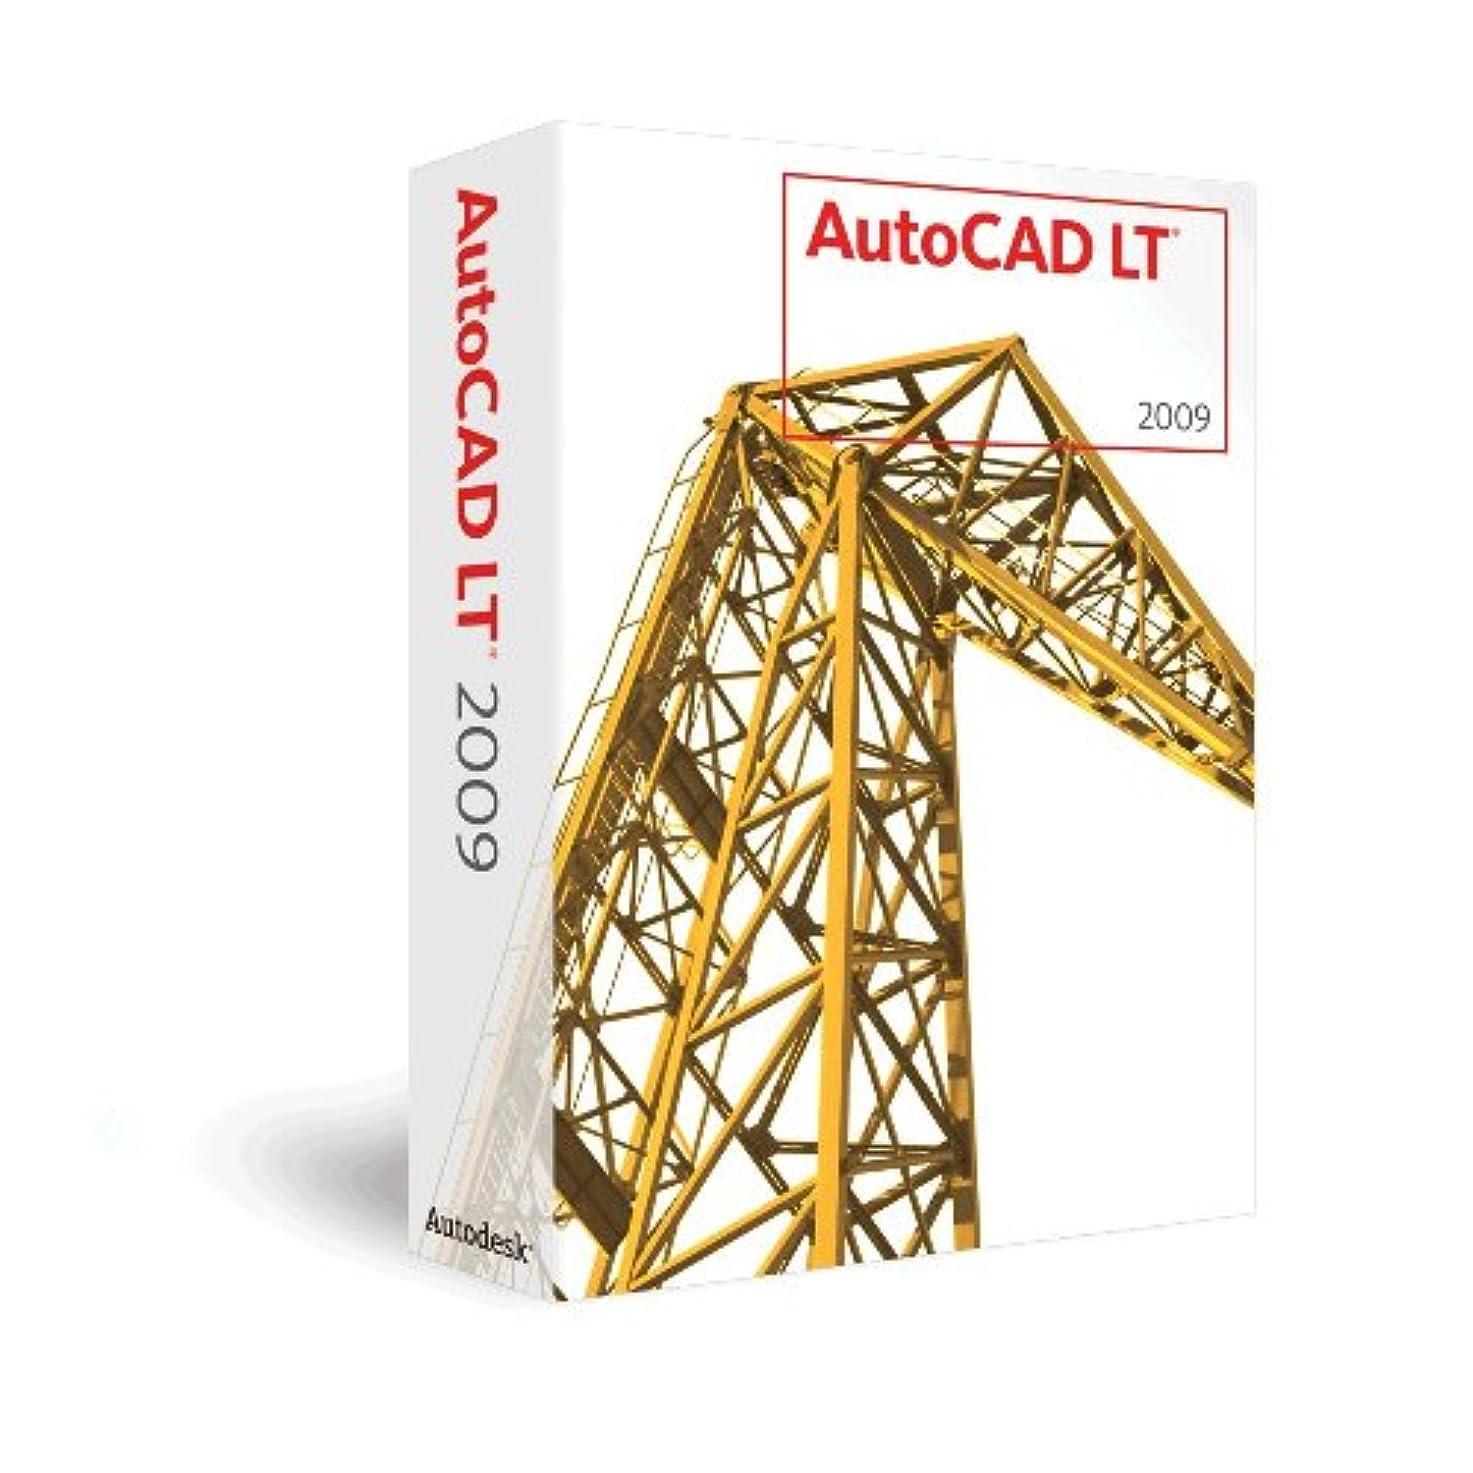 準備ができて経歴宗教的なAutoCAD LT 2009 (autodesk公認トレーニングブック付)